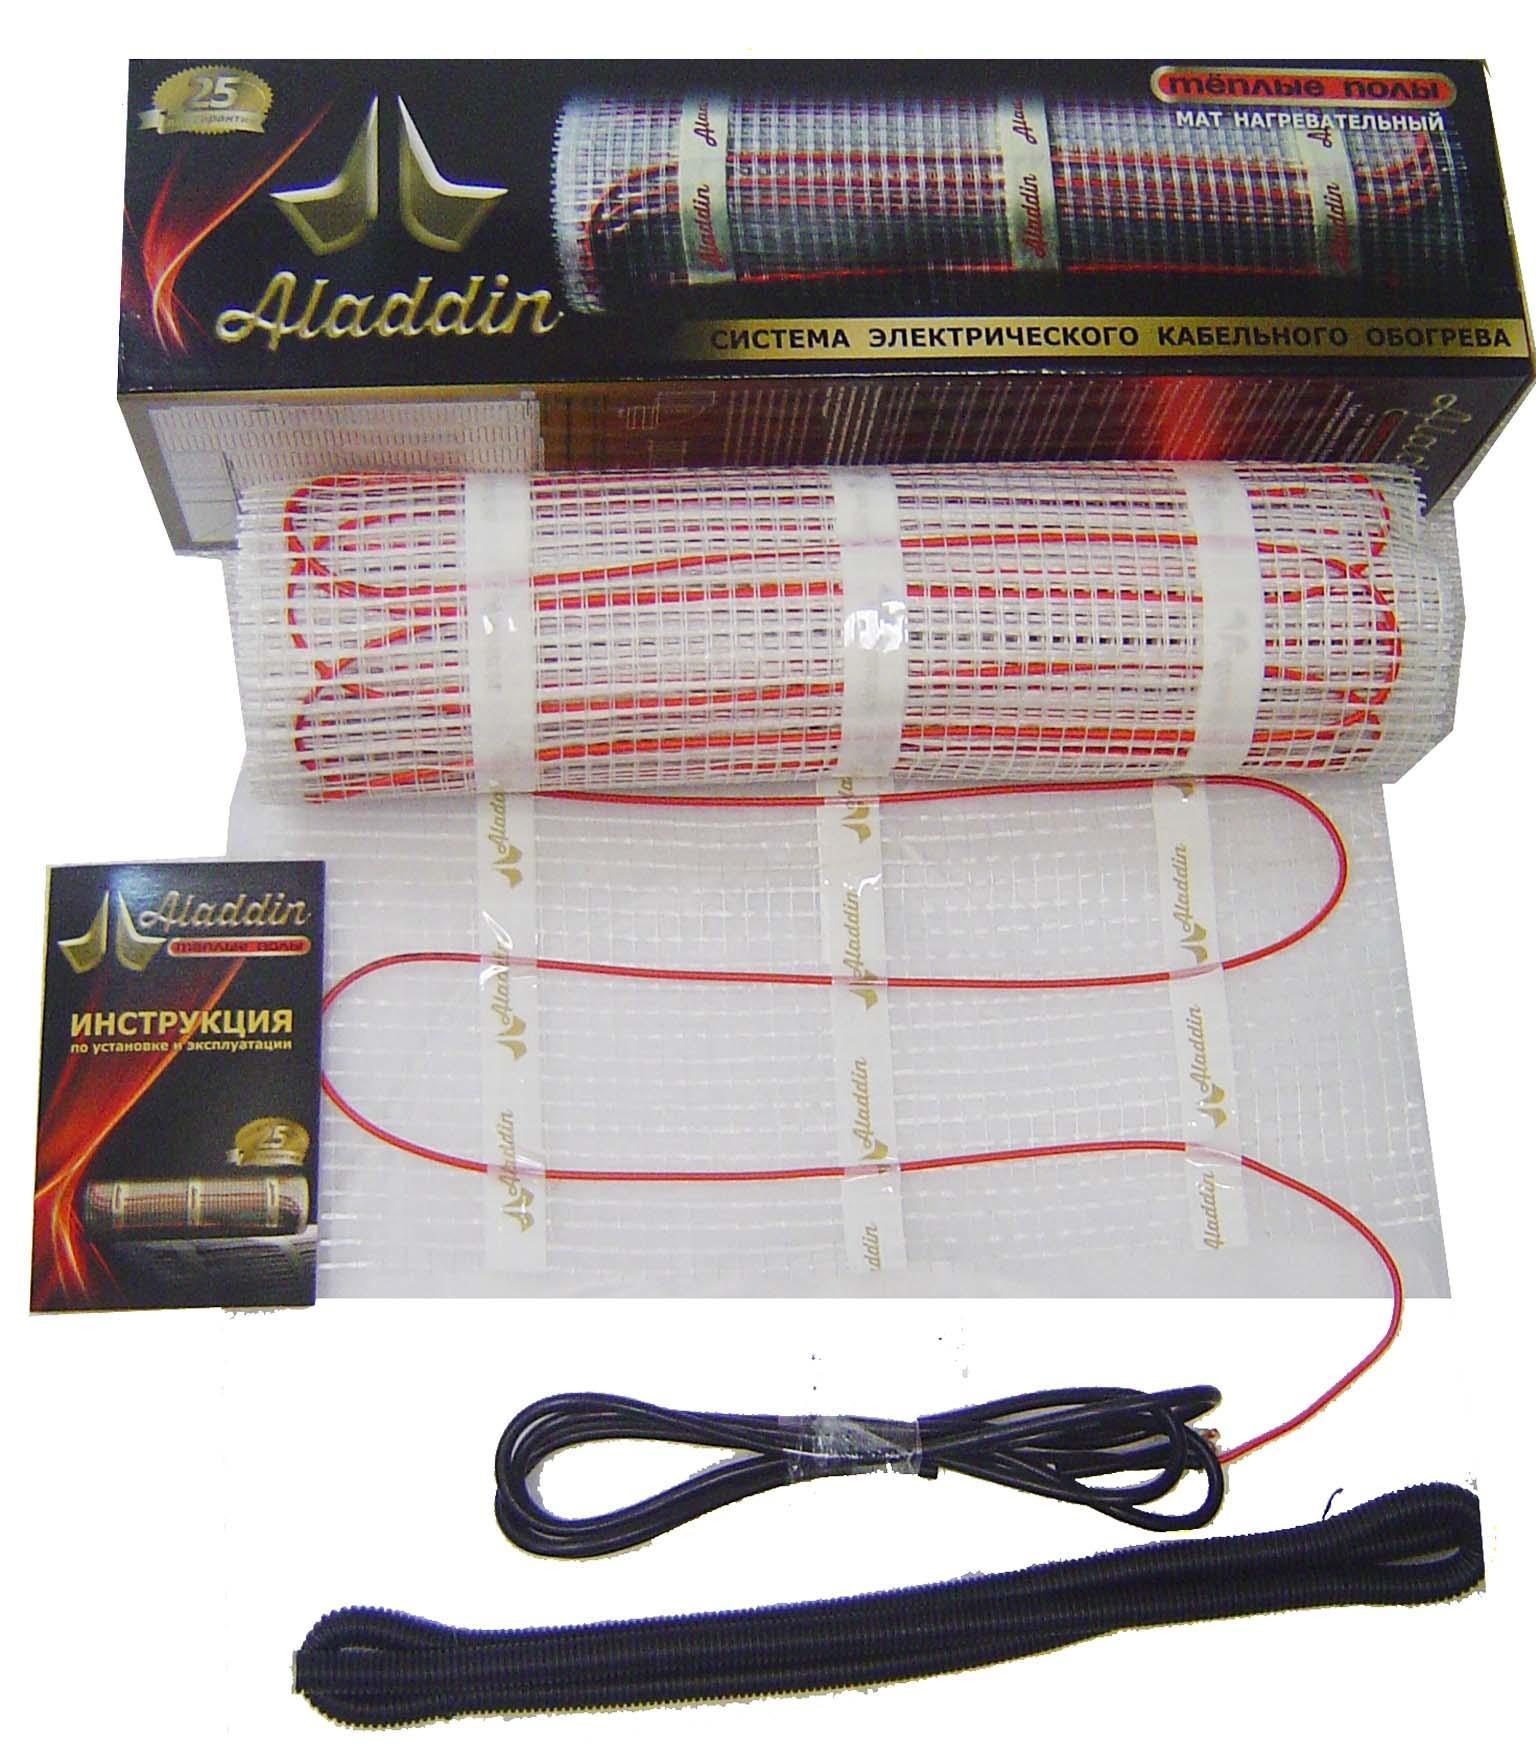 Нагревательный кабель ALADDIN HMT-5,0-750 Ватт